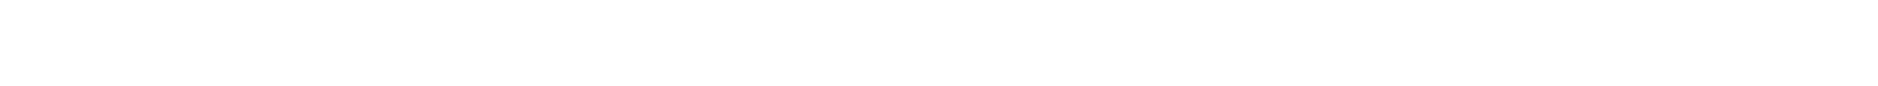 직방, 현대엔지니어링, 3m, 배달의민족, 직방, 카카오, 다음소프트, 피키케스트, 컴투스, plitgames, 쿠팡